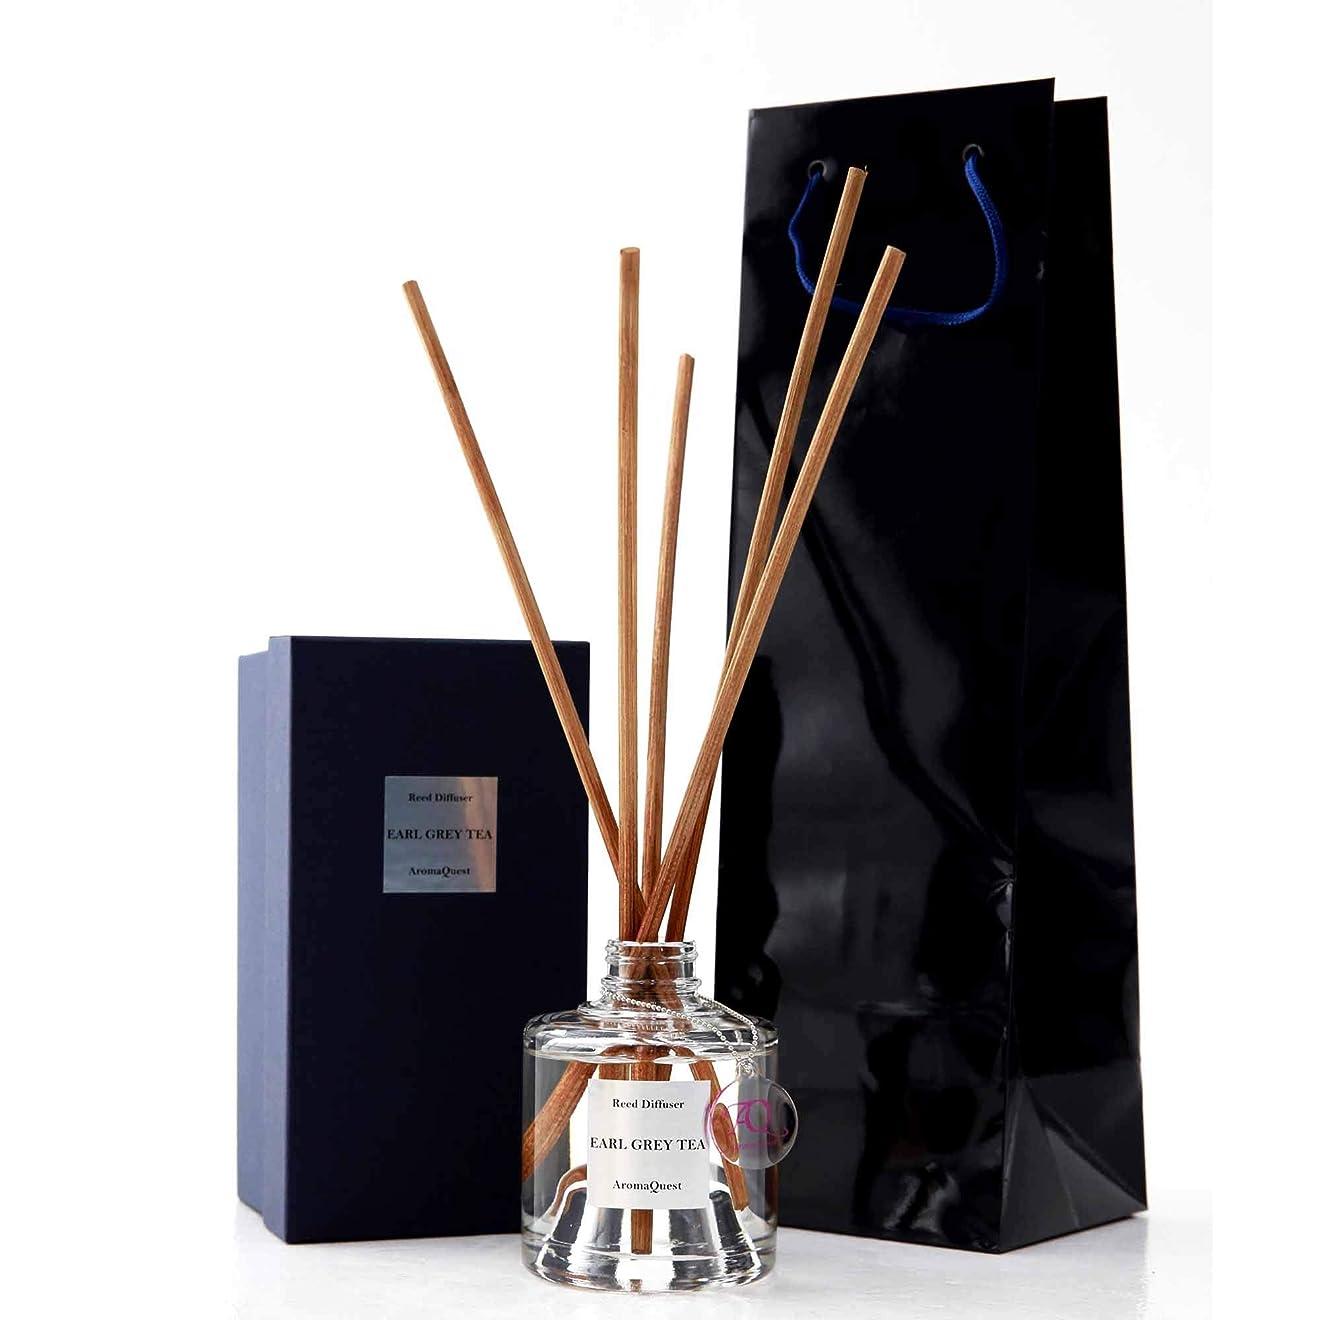 かわいらしいロードハウスコンドームルームフレグランス リードディフューザー アロマディフューザー 150ml アールグレイティー EARL GREY TEA 紅茶の香り